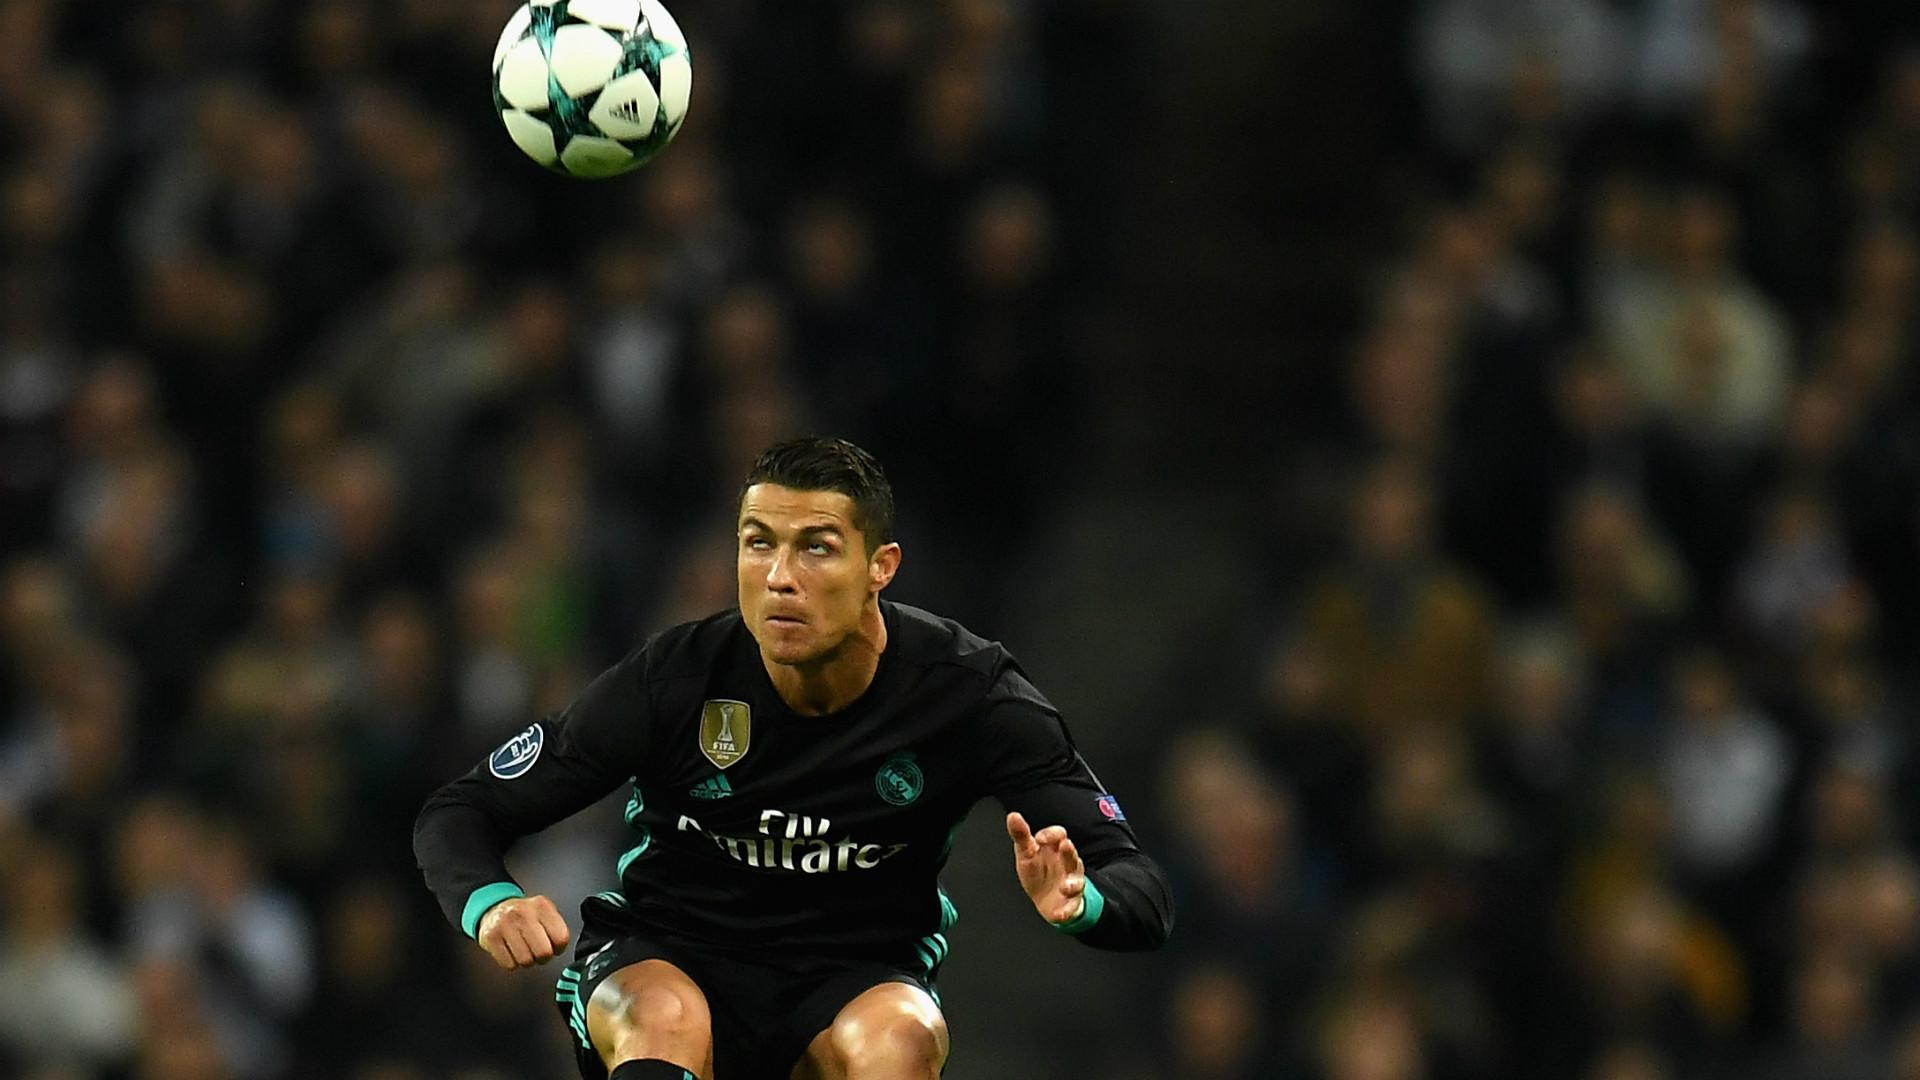 Real Madrid regressa aos triunfos, Ronaldo não marca mas assiste